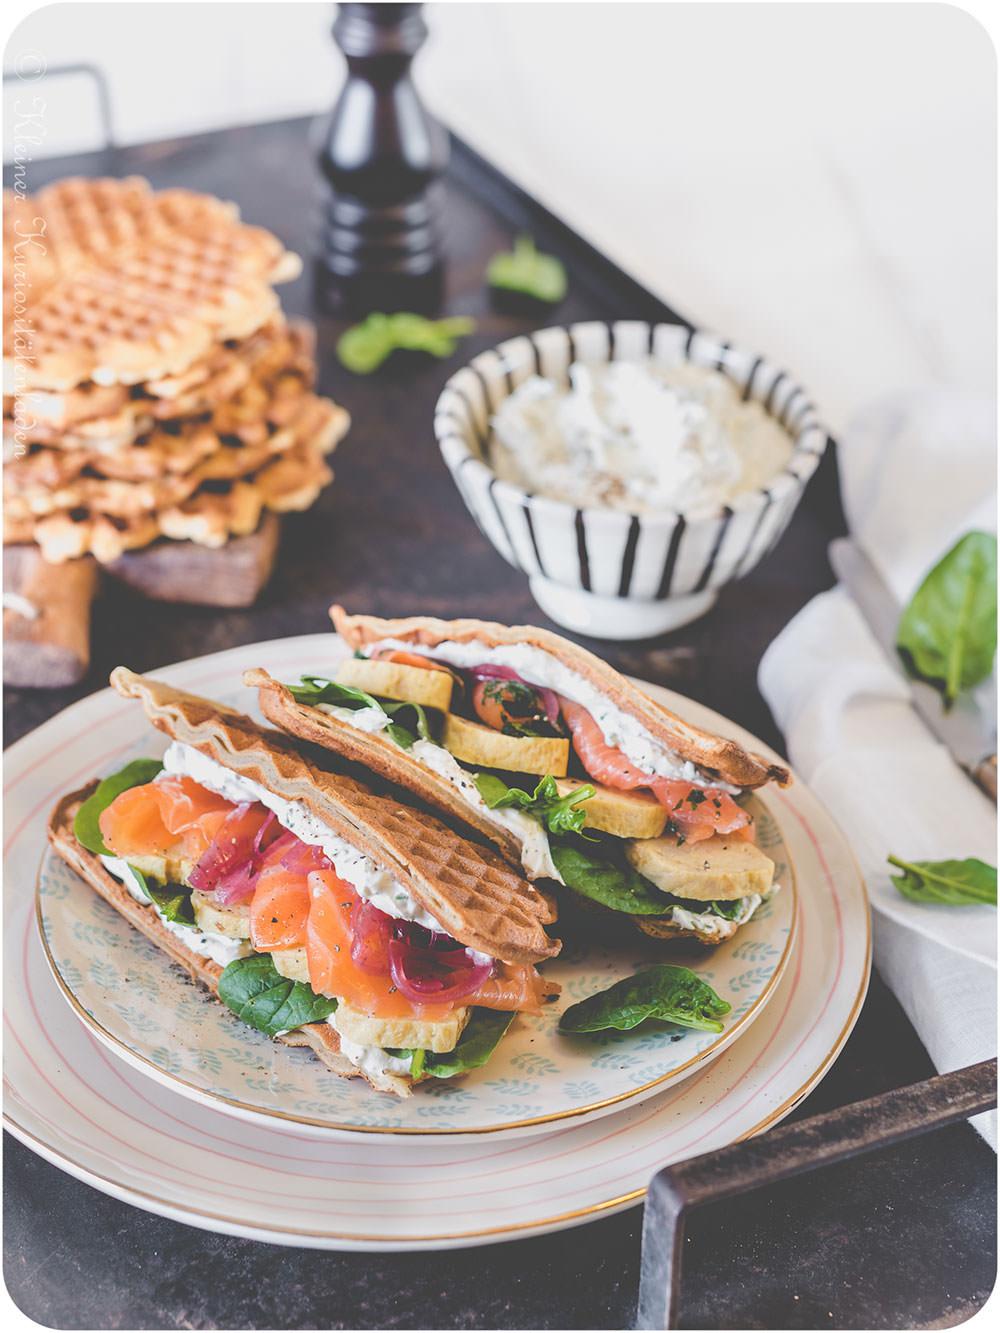 Roggenwaffel-Sandwich mit Tamagoyaki und Kresse-Frischkäsecreme von Kleiner Kuriositätenladen | The Sunday Breakfast Club